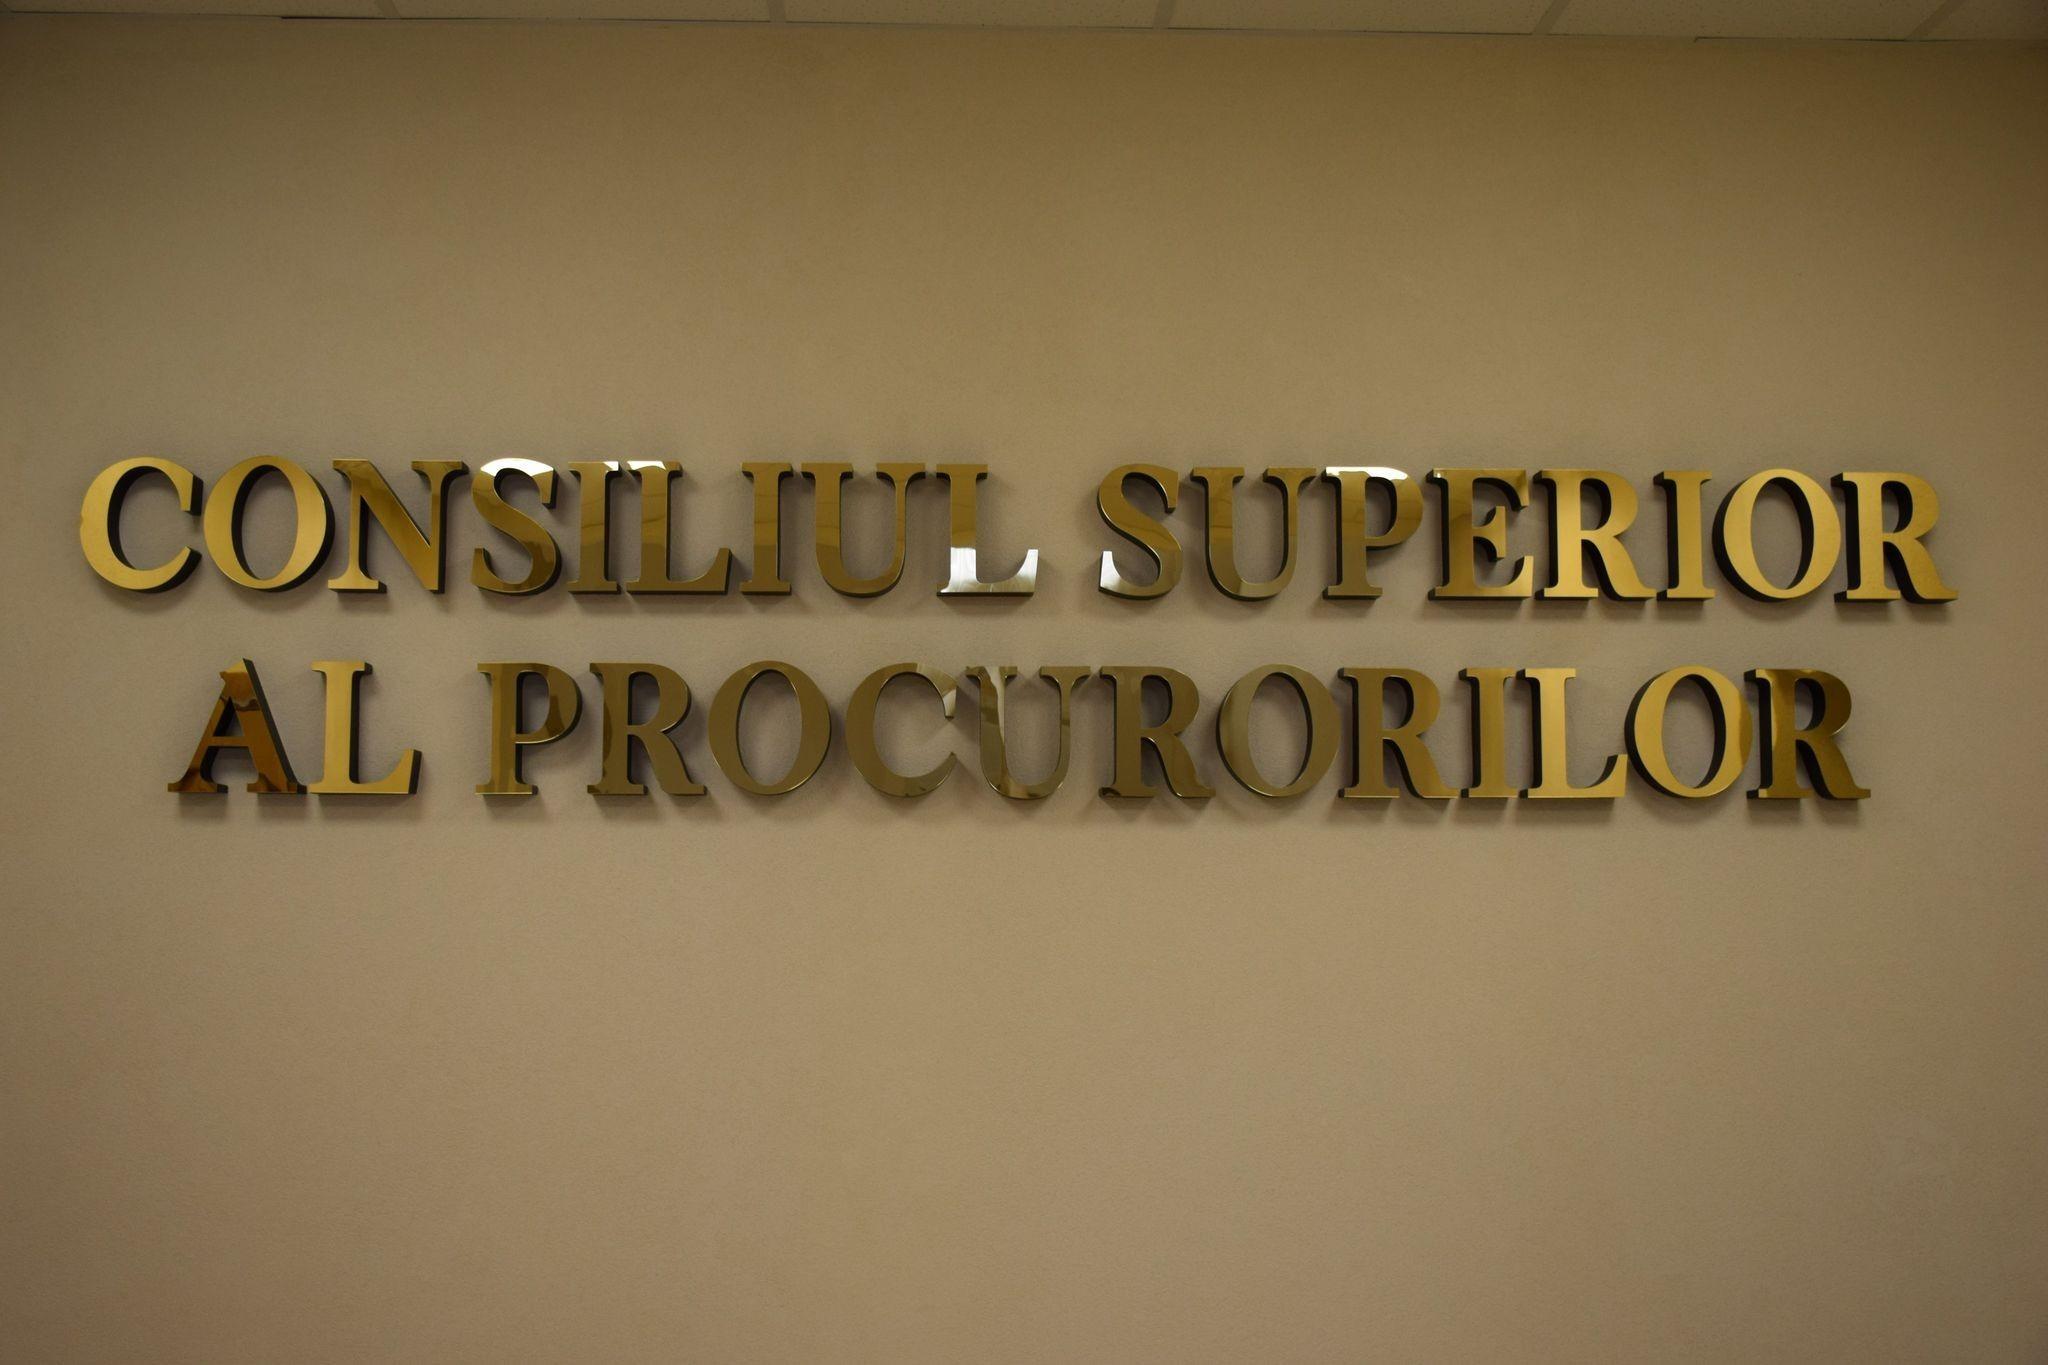 Consiliul Superior al Procurorilor a anunțat concurs pentru suplinirea unor funcții vacante de procuror